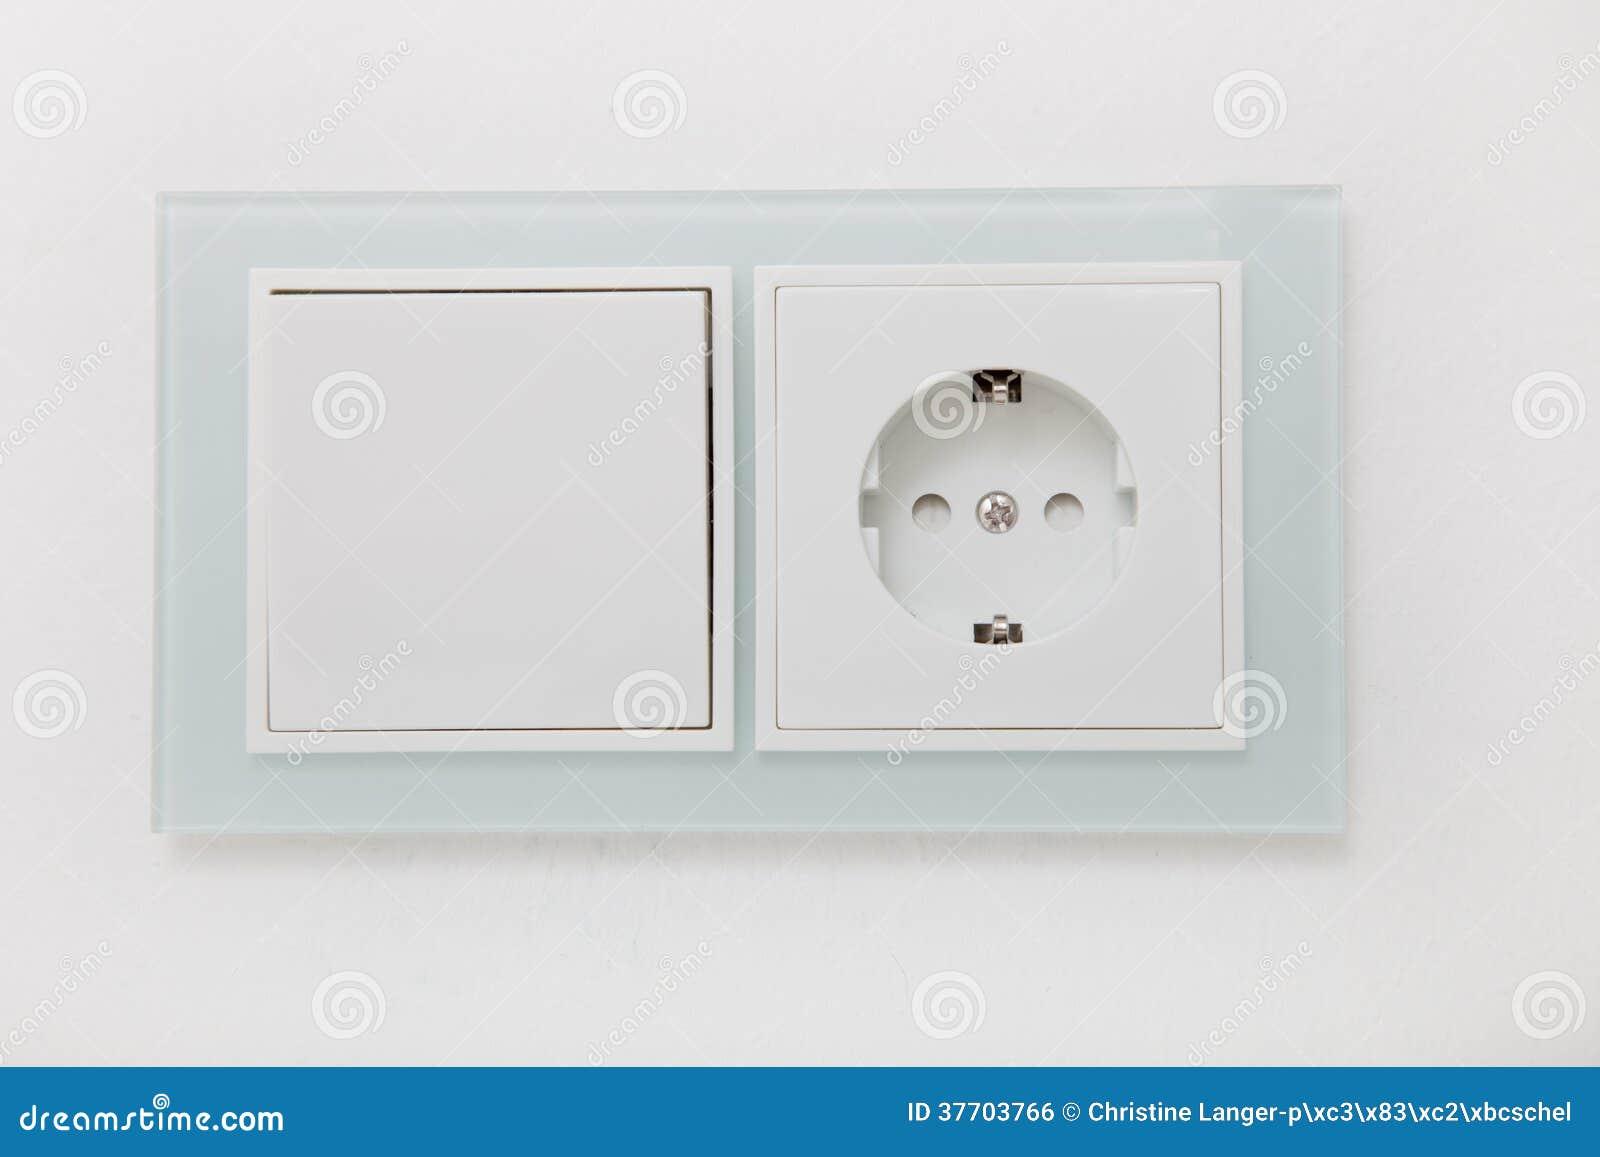 Tolle Elektrischer Ein Aus Schalter Fotos - Verdrahtungsideen ...